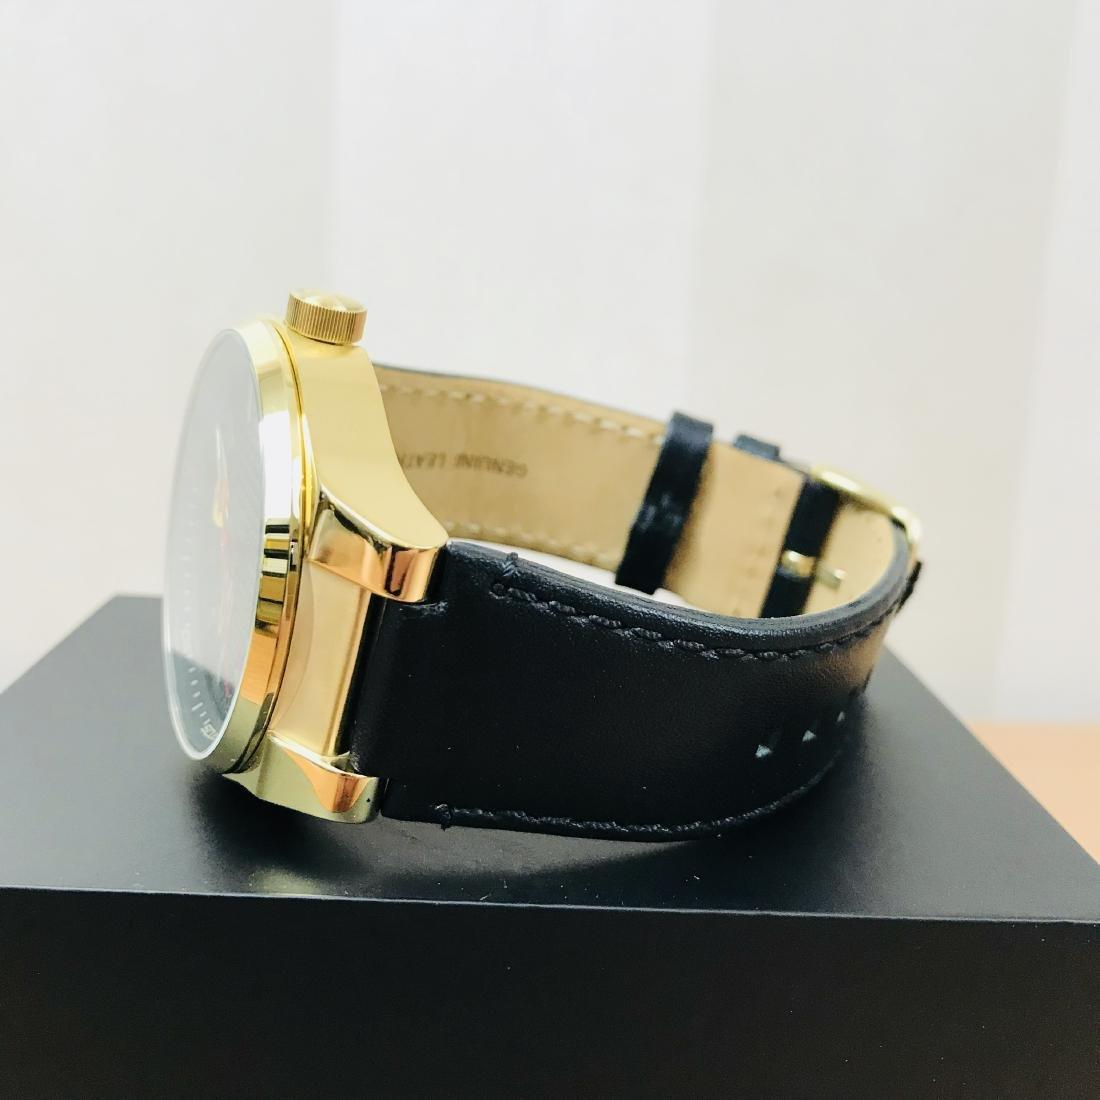 Scuderia Ferrari – SPECIALE Men's Gold Plated Watch - 5